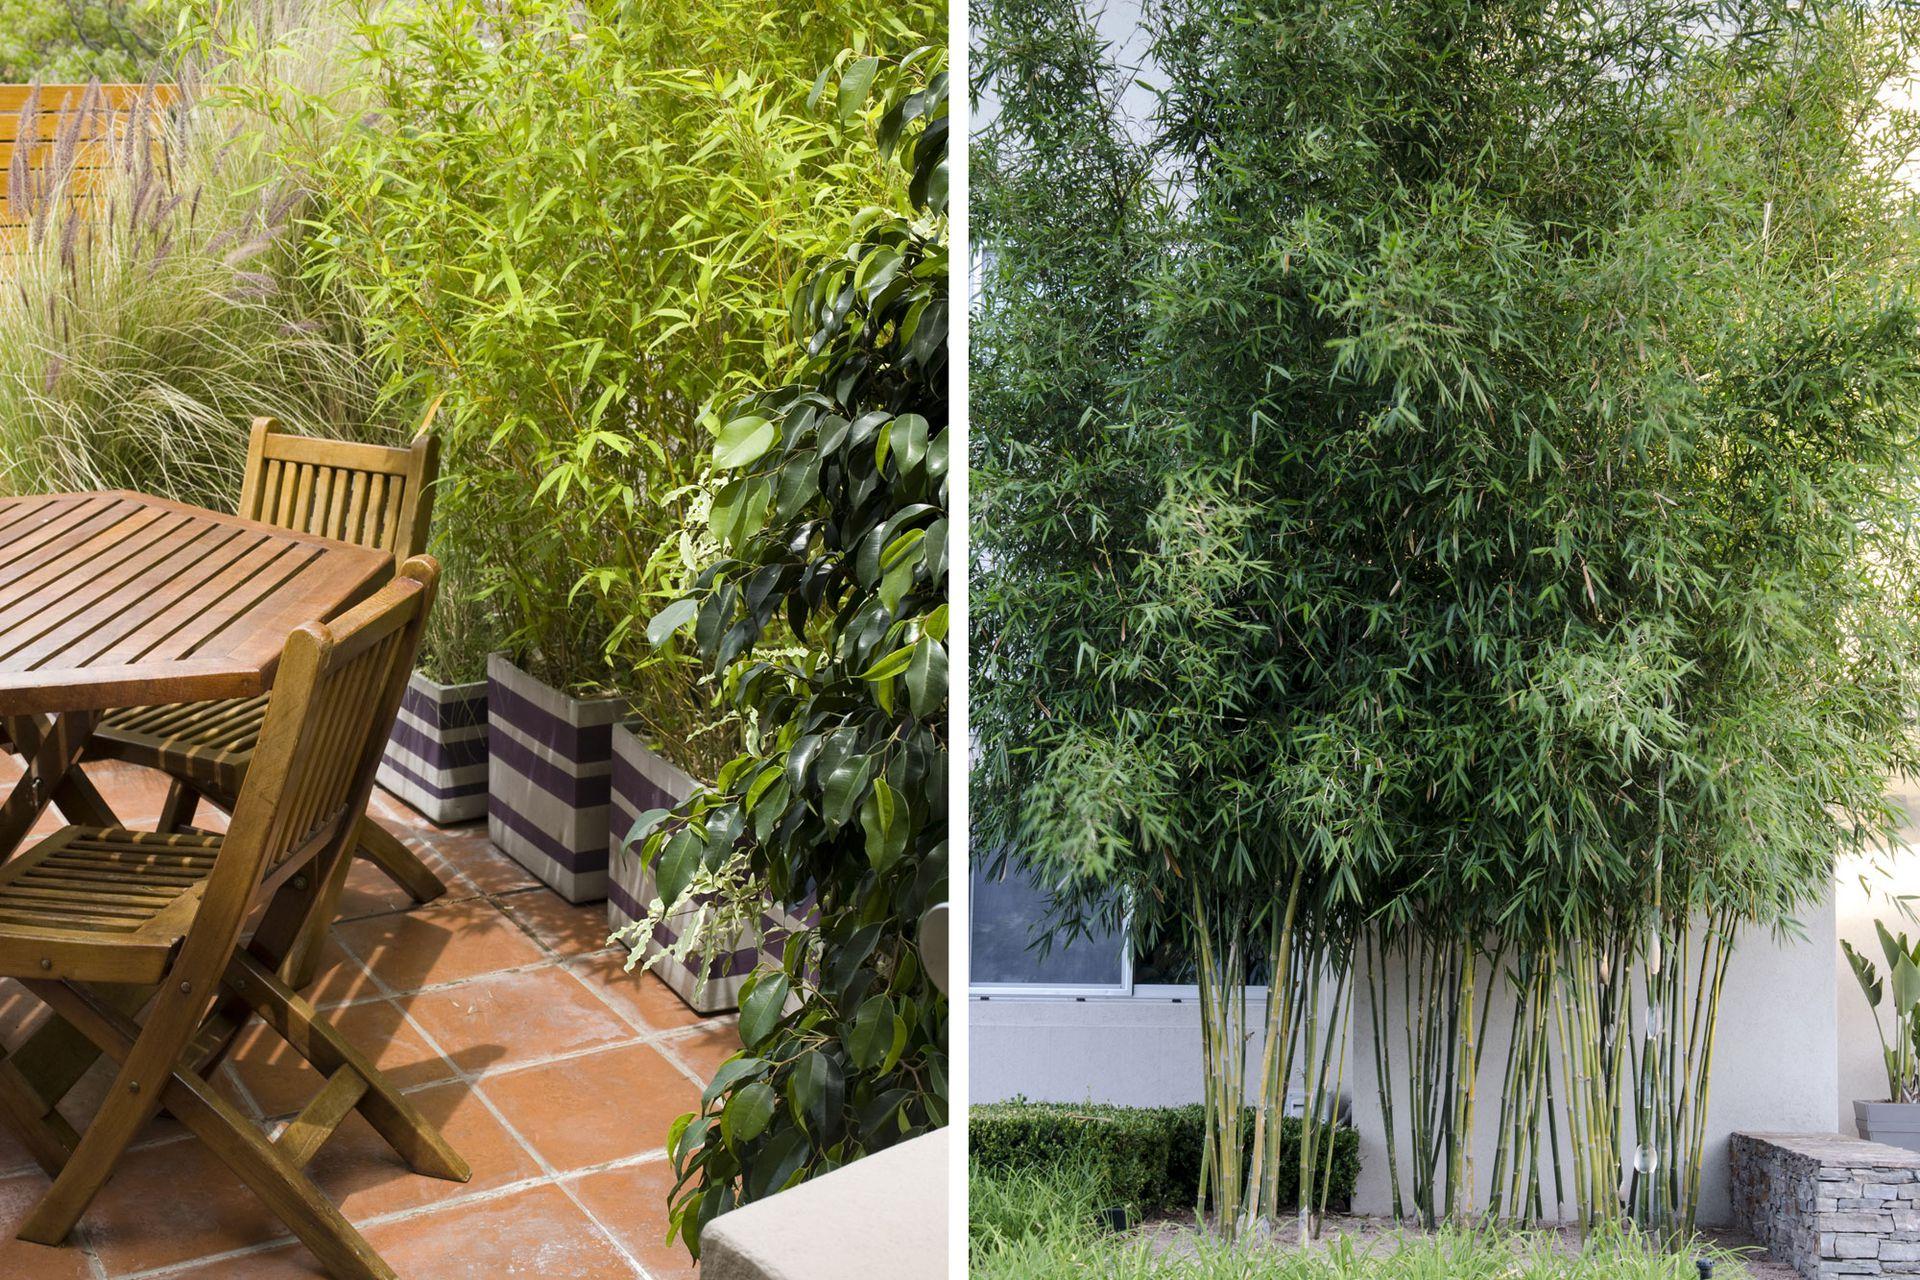 Las cañas (Bambusa sp.) se lucen tanto en lugares pequeños (izquierda) o en espacios amplios y abiertos (derecha).